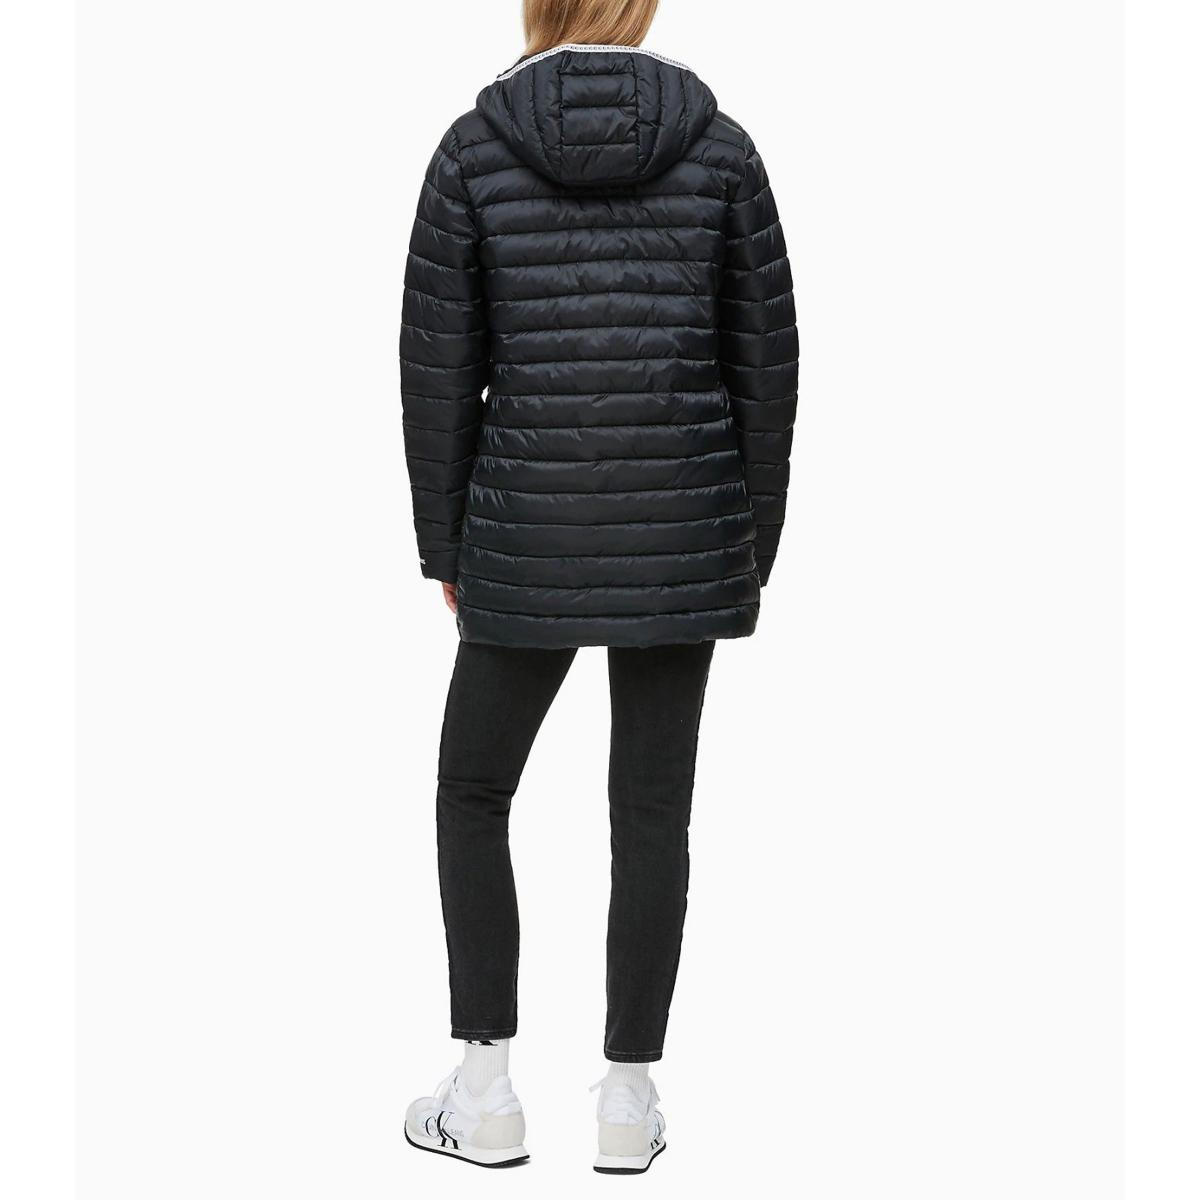 Piumino Calvin Klein Jeans a palloncino lungo con cappuccio da donna rif. J20J212084